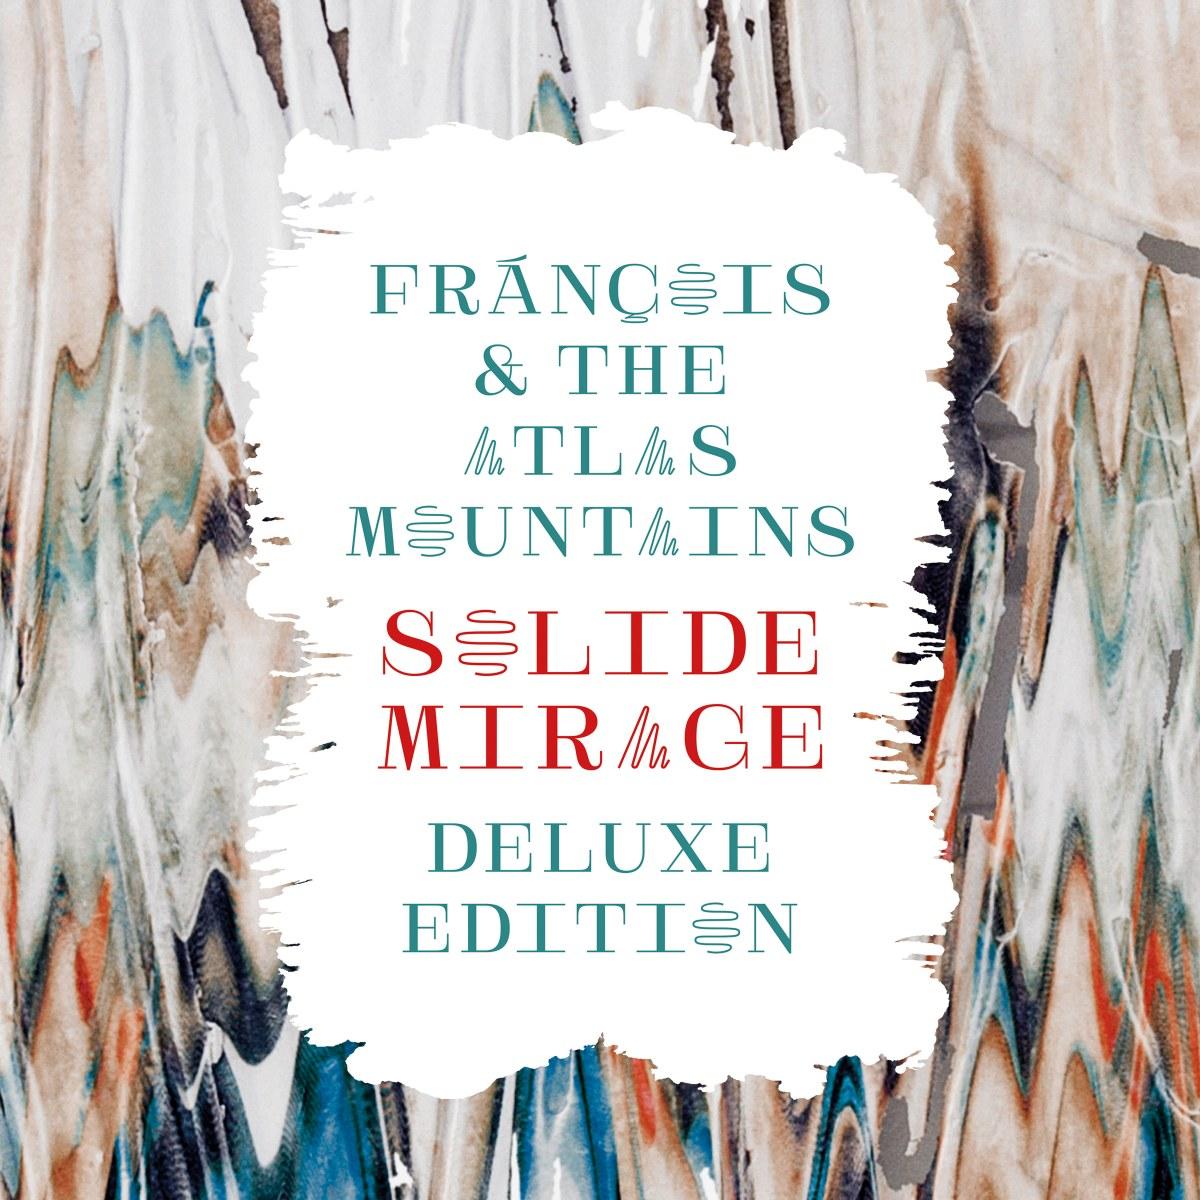 Frànçois & The Atlas Mountains